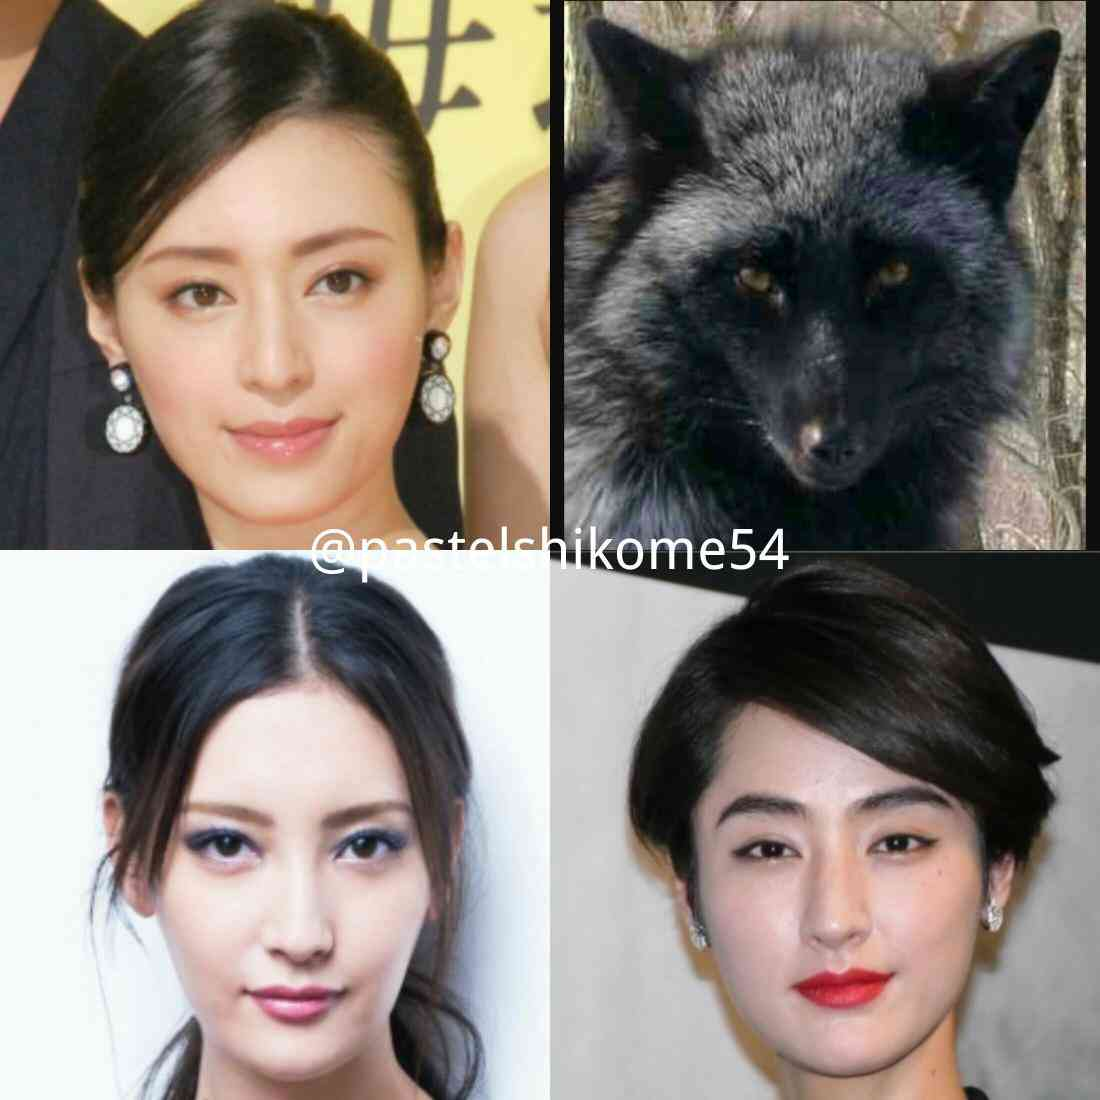 きつね顔美人とたぬき顔美人どっちが好きですか?